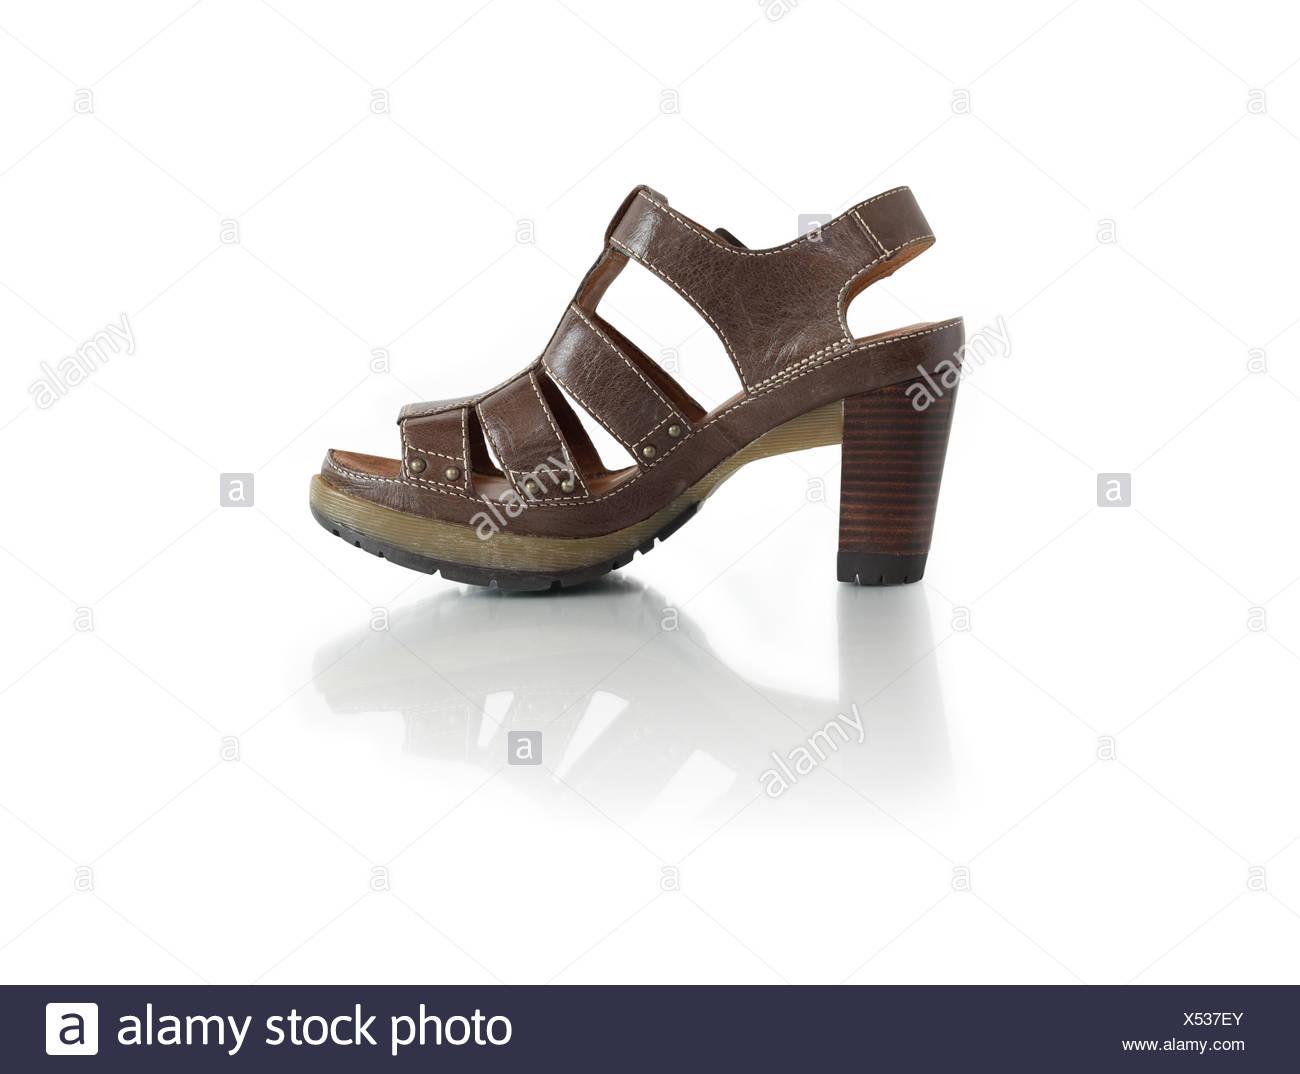 Stylish Female Summer Shoe - Stock Image